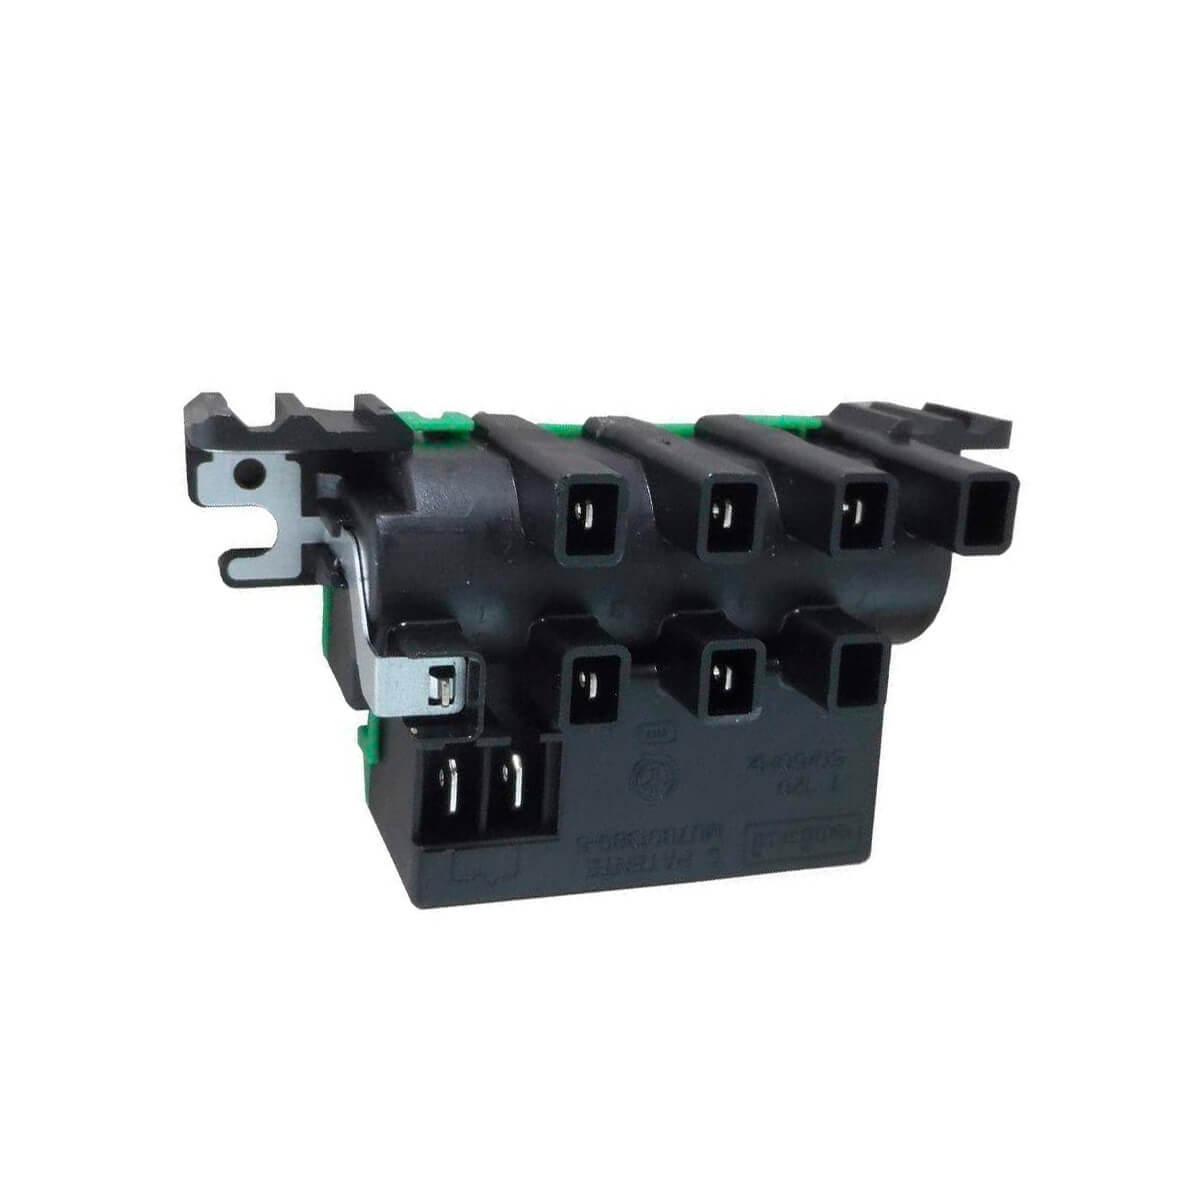 Usina 5 Saídas Para Fogão Electrolux 56SPB 56SX 56SE 56ESX - 64980194